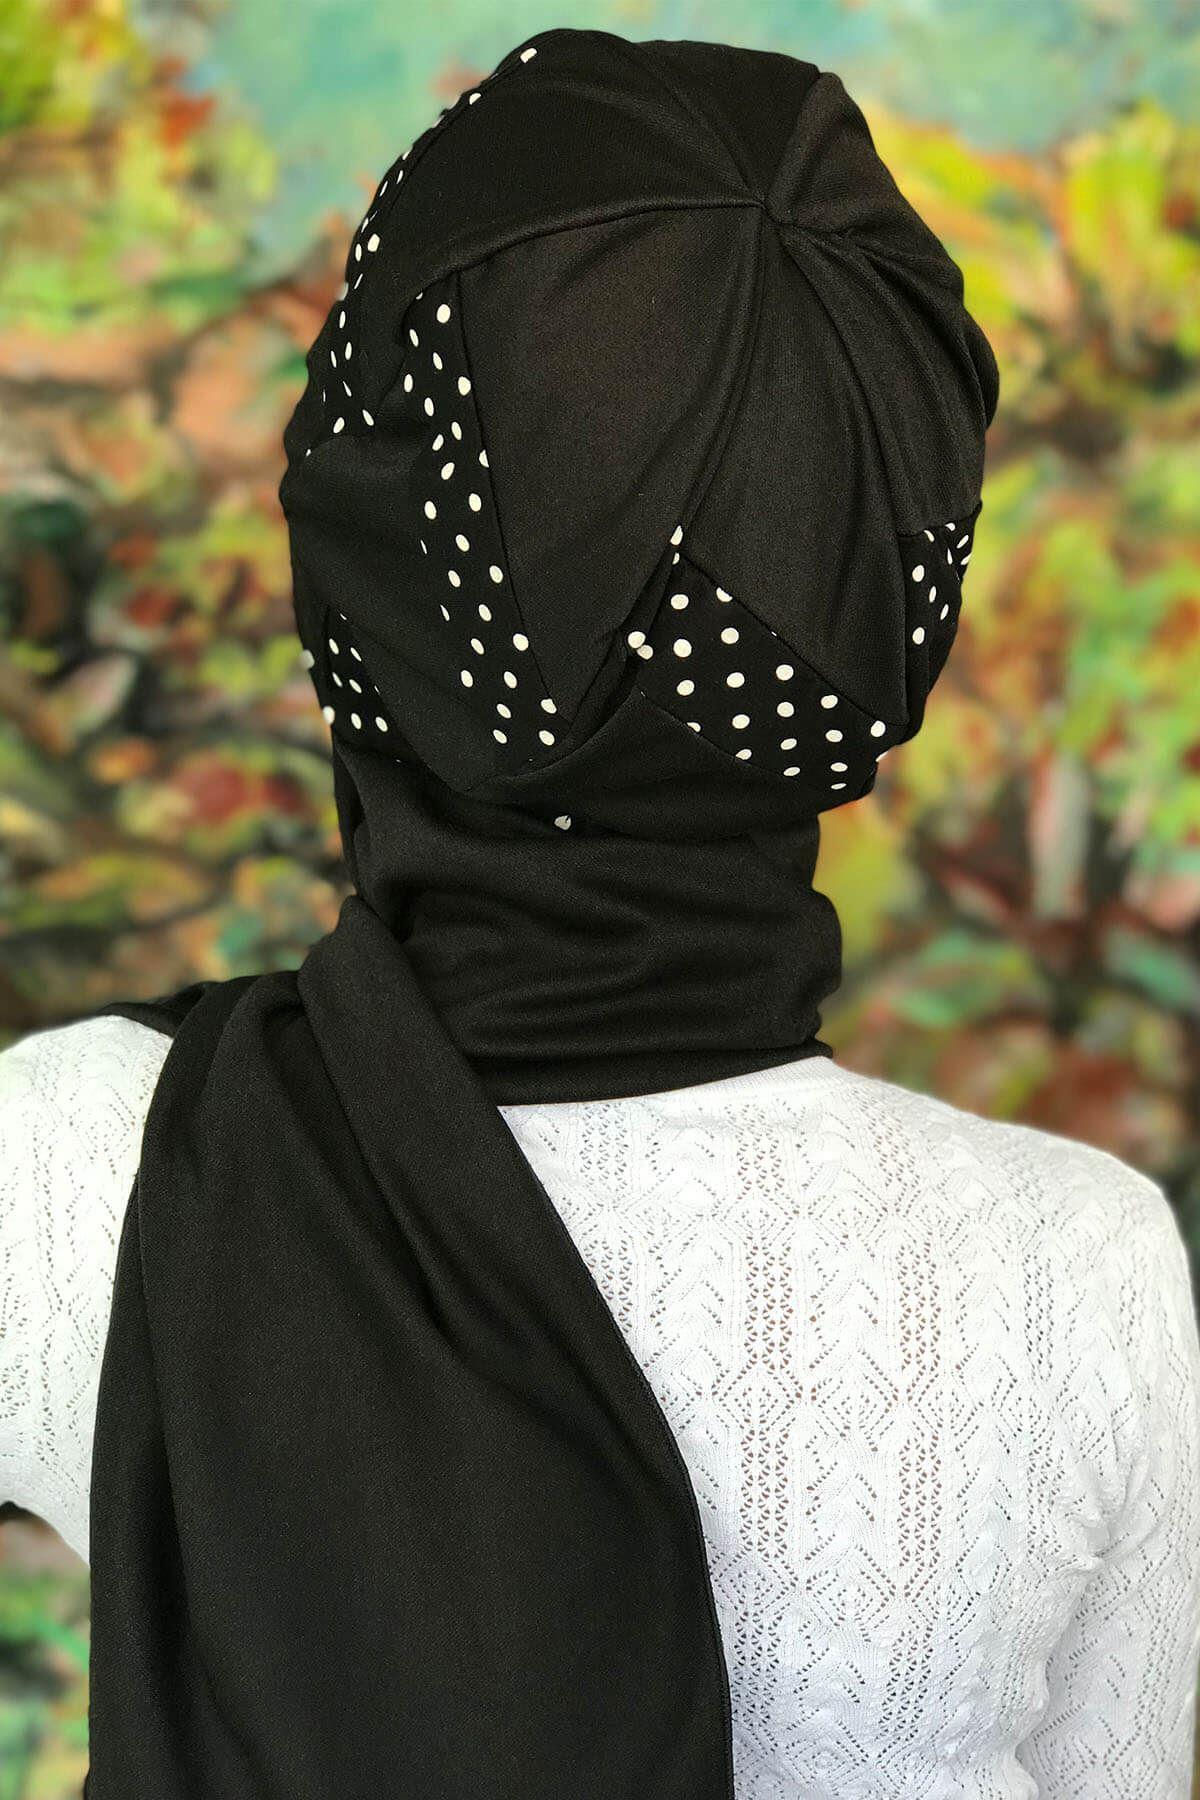 Siyah Üzeri Beyaz Noktalı Şerit Detaylı Tokalı Siyah Atkılı Bone